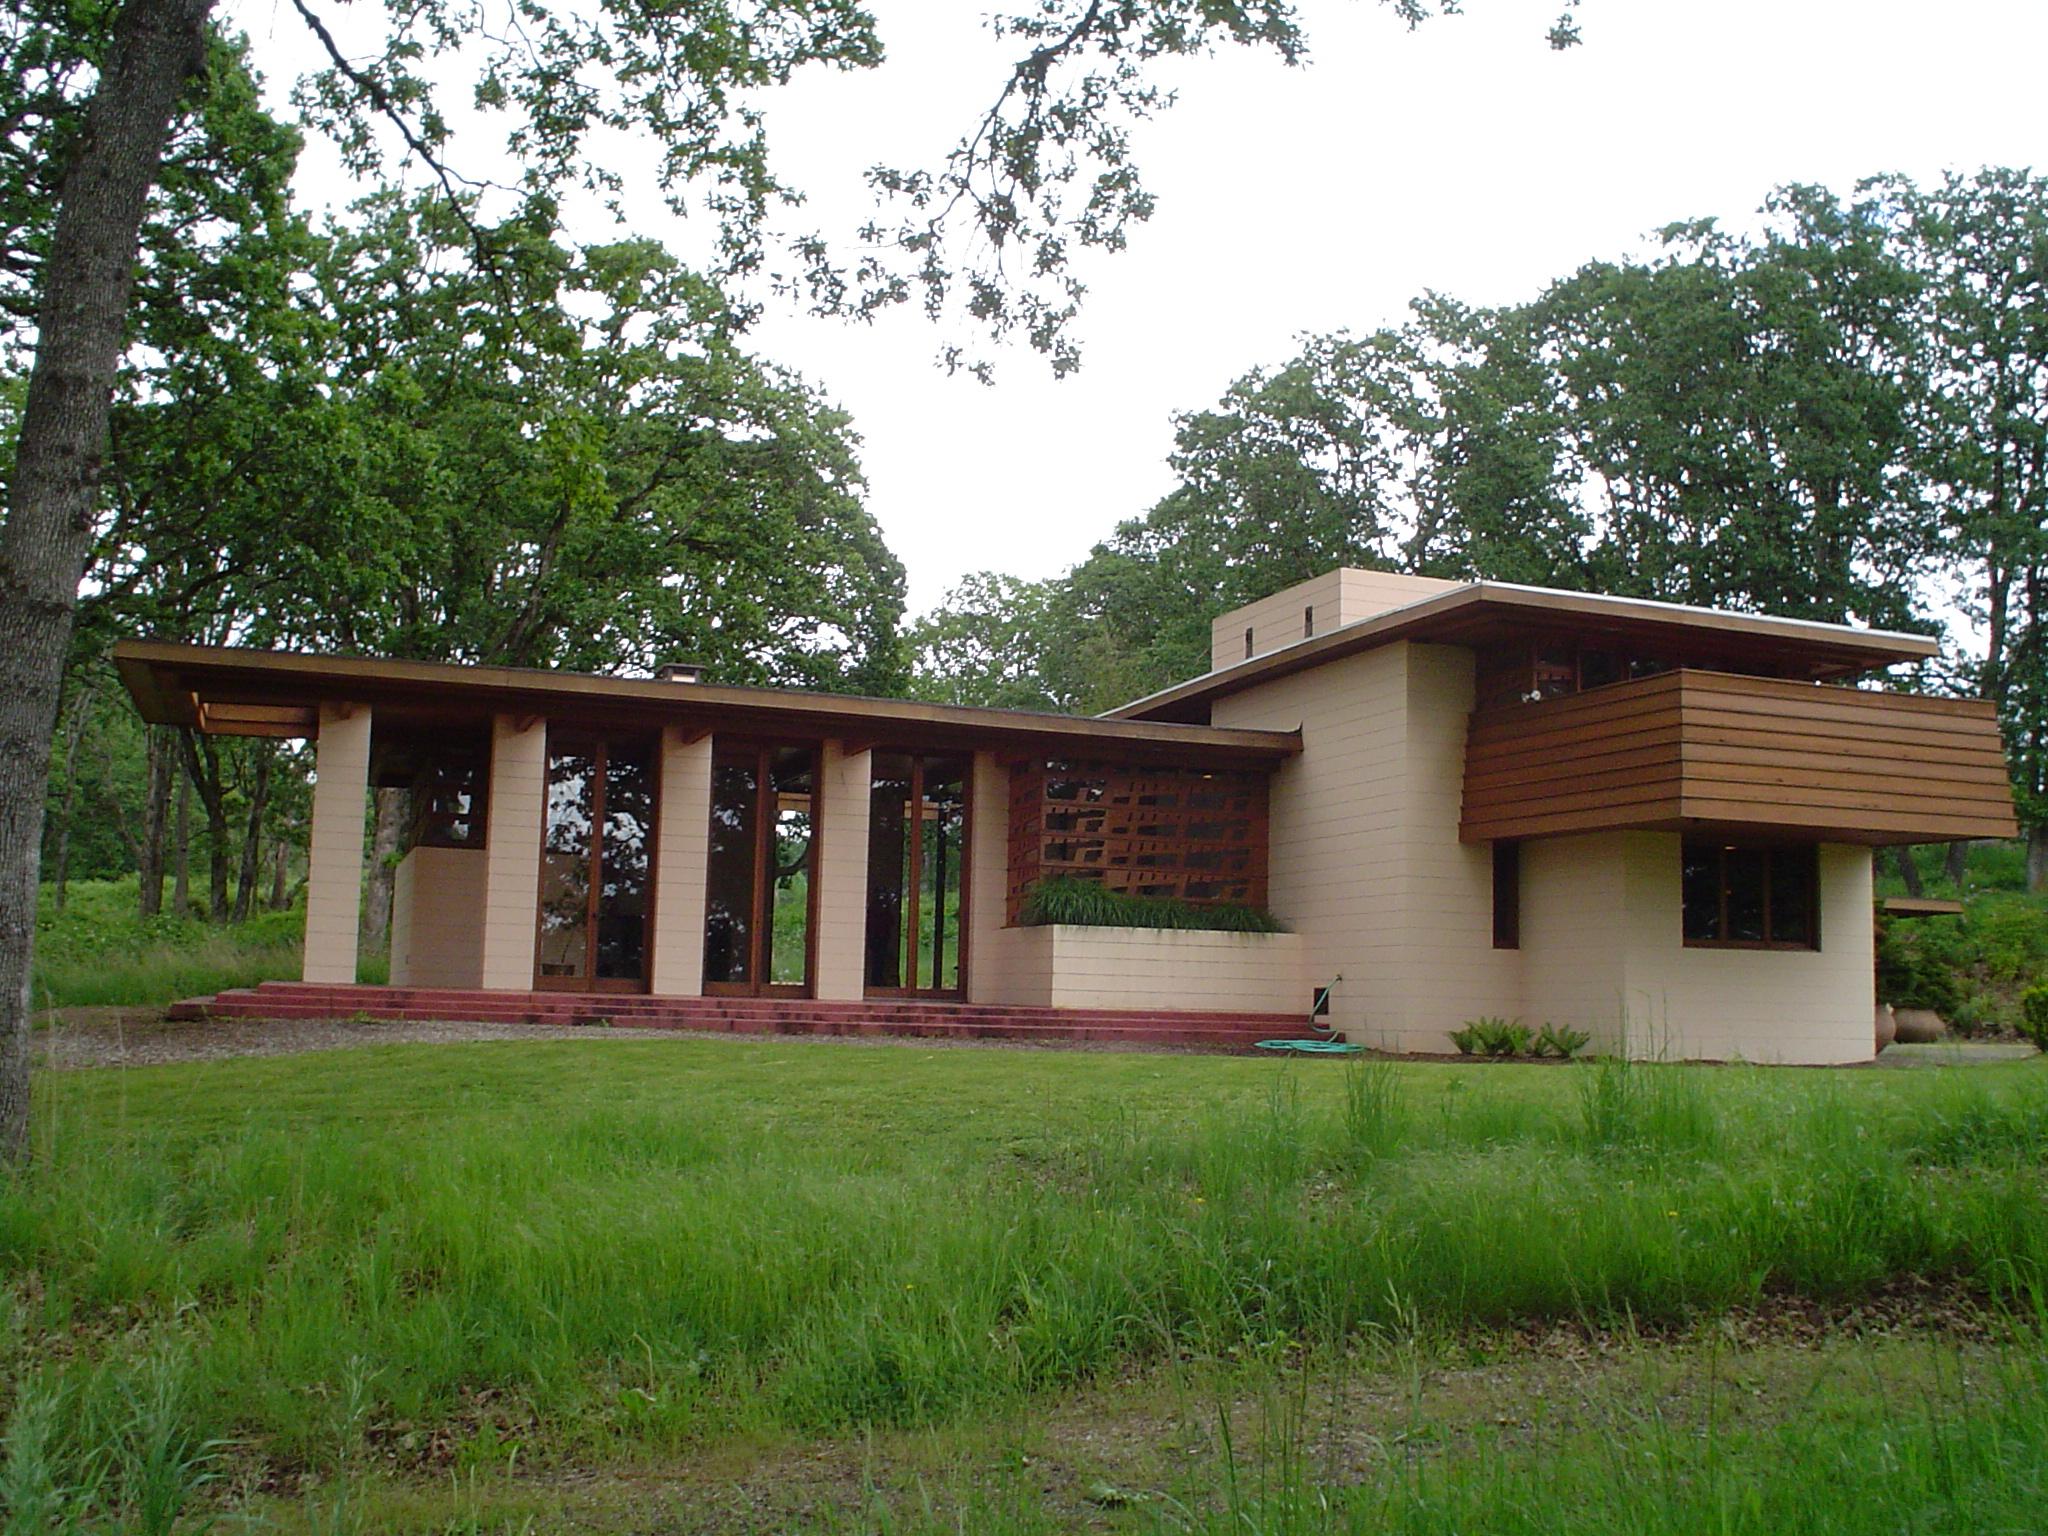 Gordon House Silverton Oregon Wikipedia